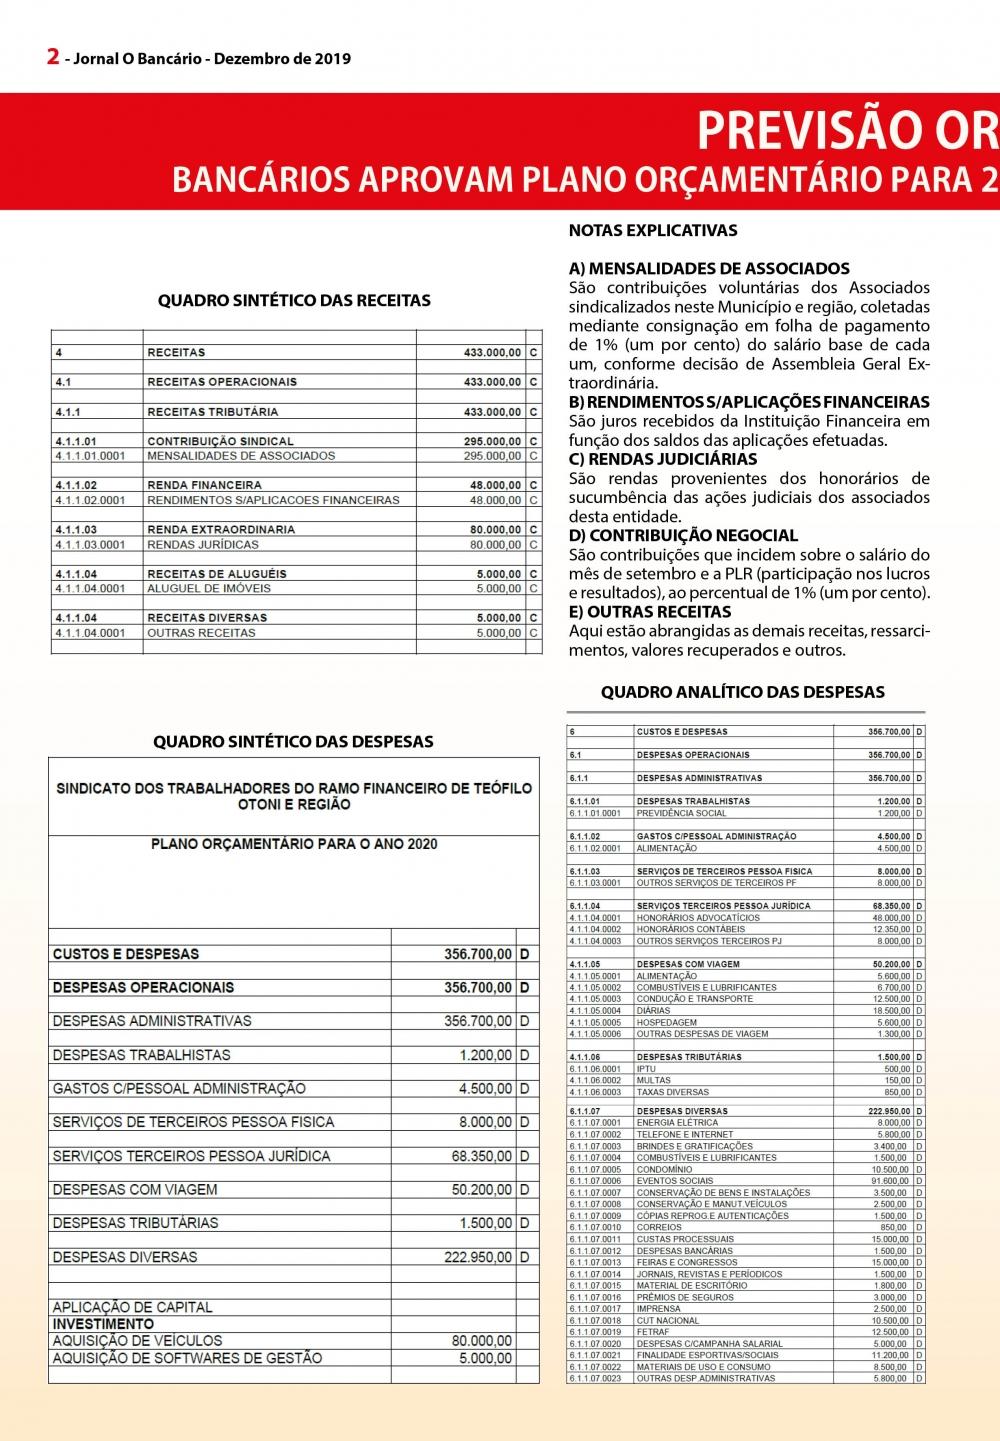 CATEGORIA APROVA PLANO ORÇAMENTÁRIO DO SINDICATO PARA 2020